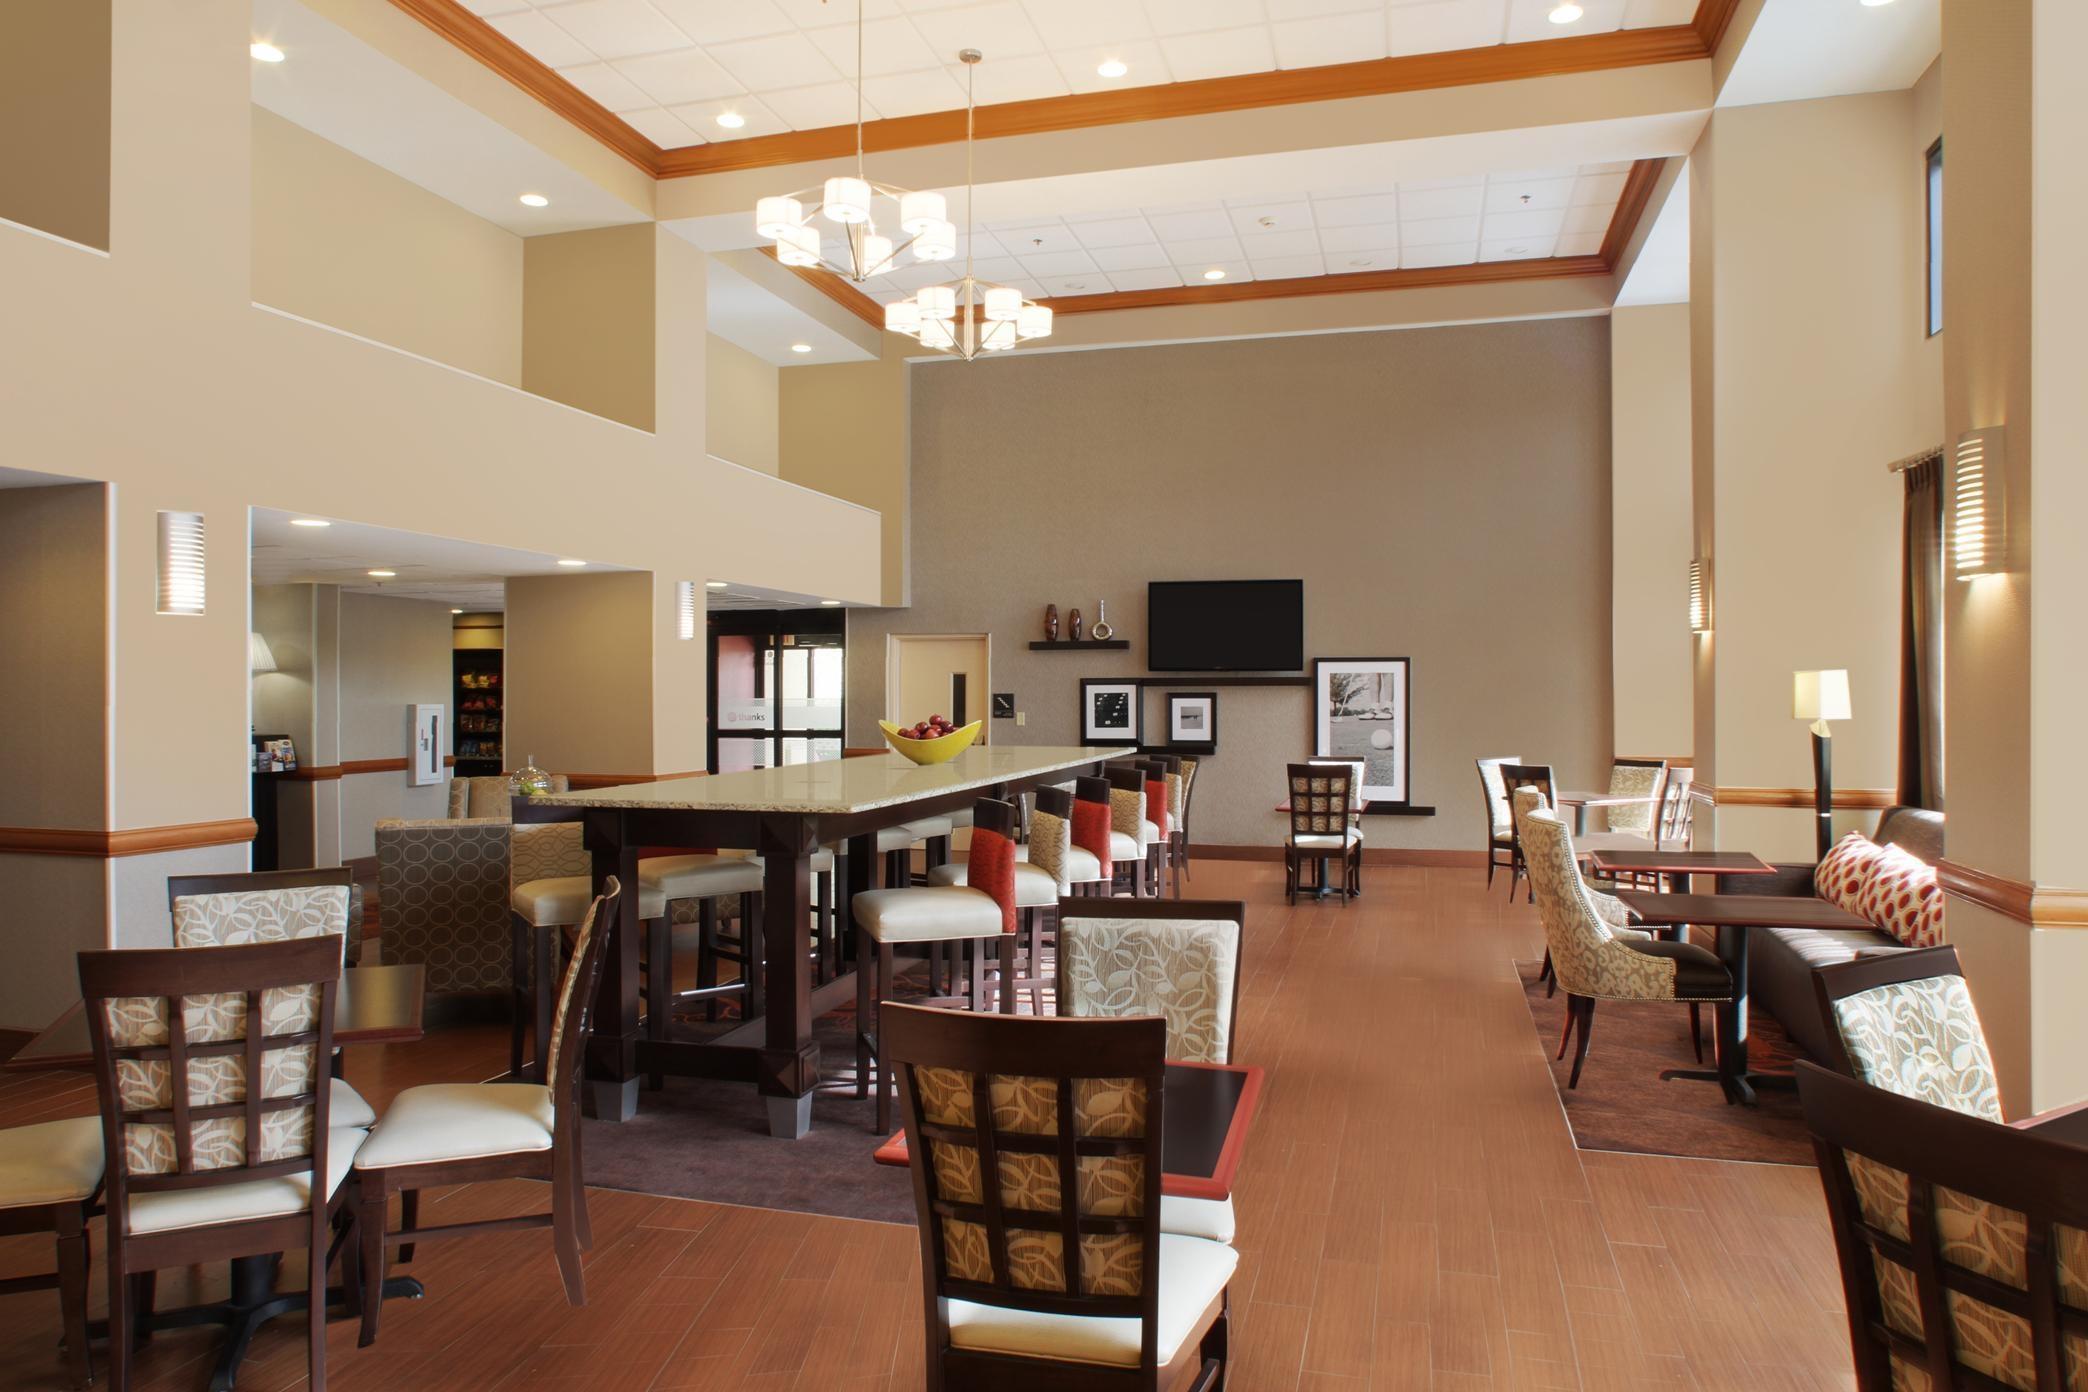 Hampton Inn & Suites Port St. Lucie, West image 10